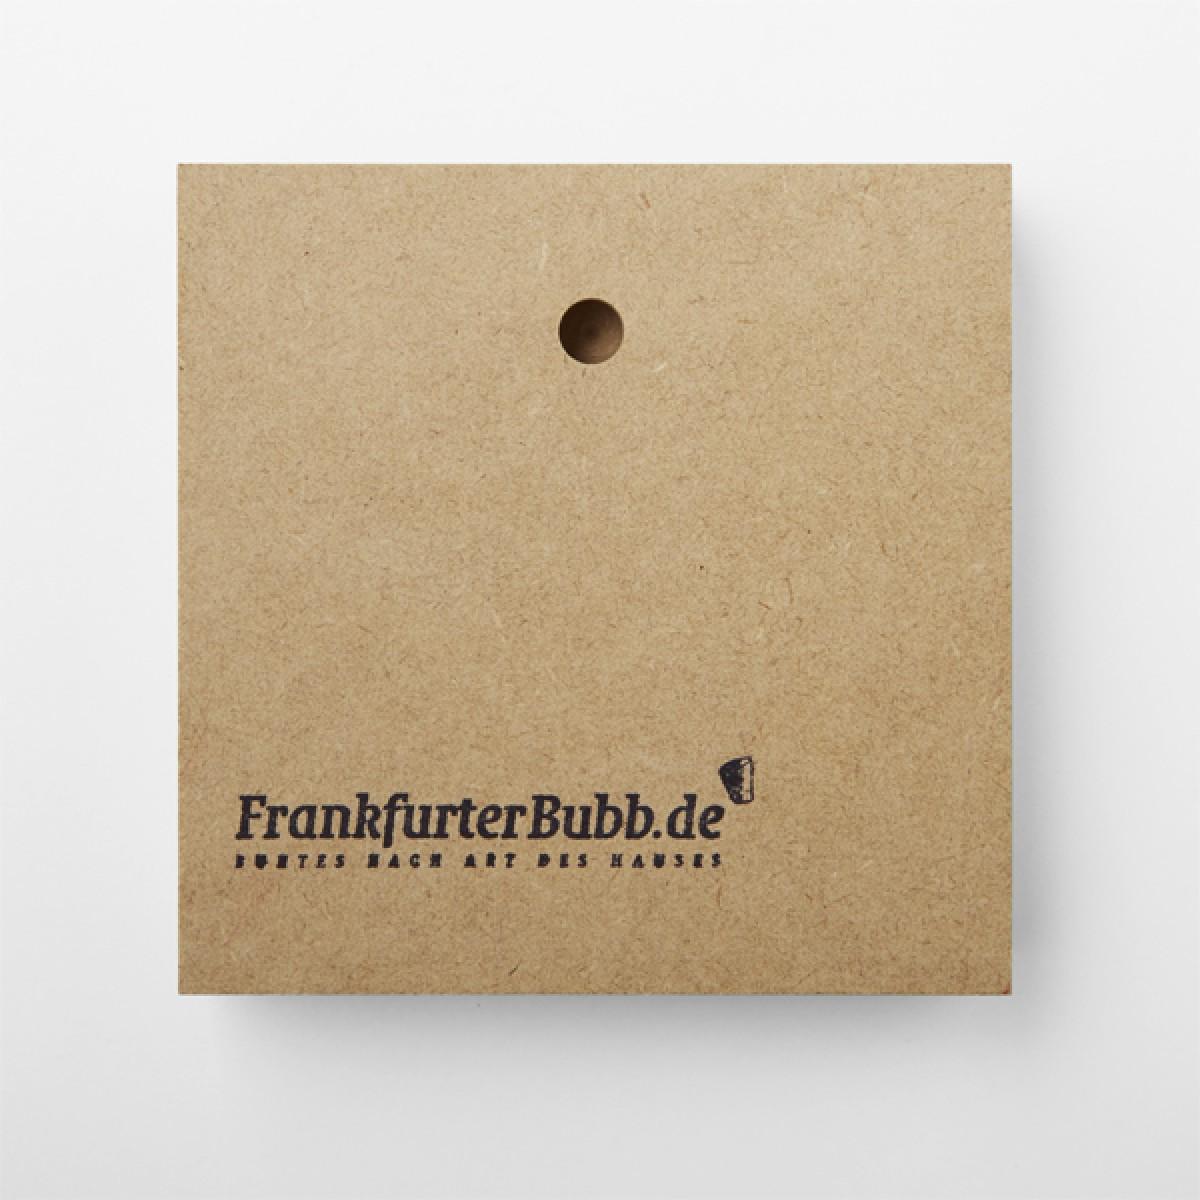 FrankfurterBubb Frei Foto-Kachel